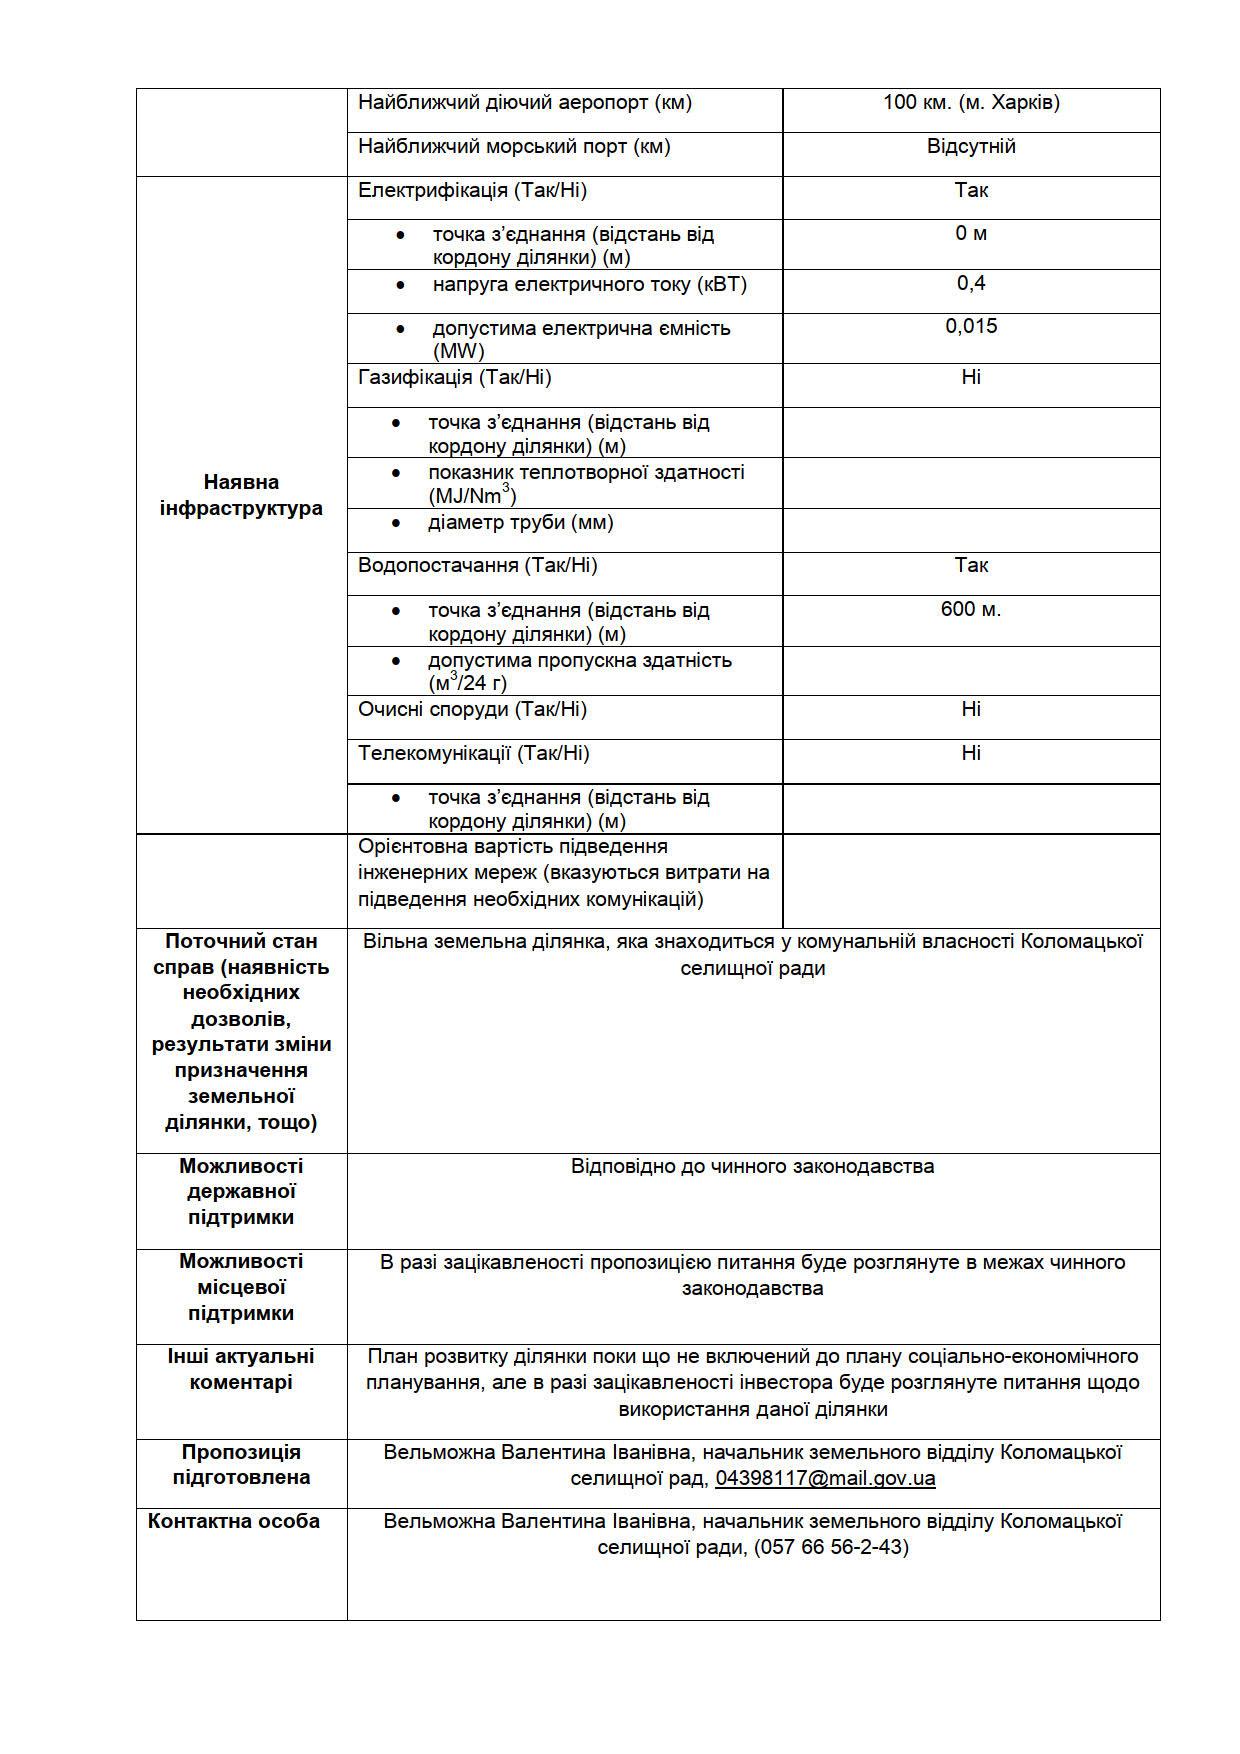 Microsoft Word - інвестиційний паспорт 2021 готов_36